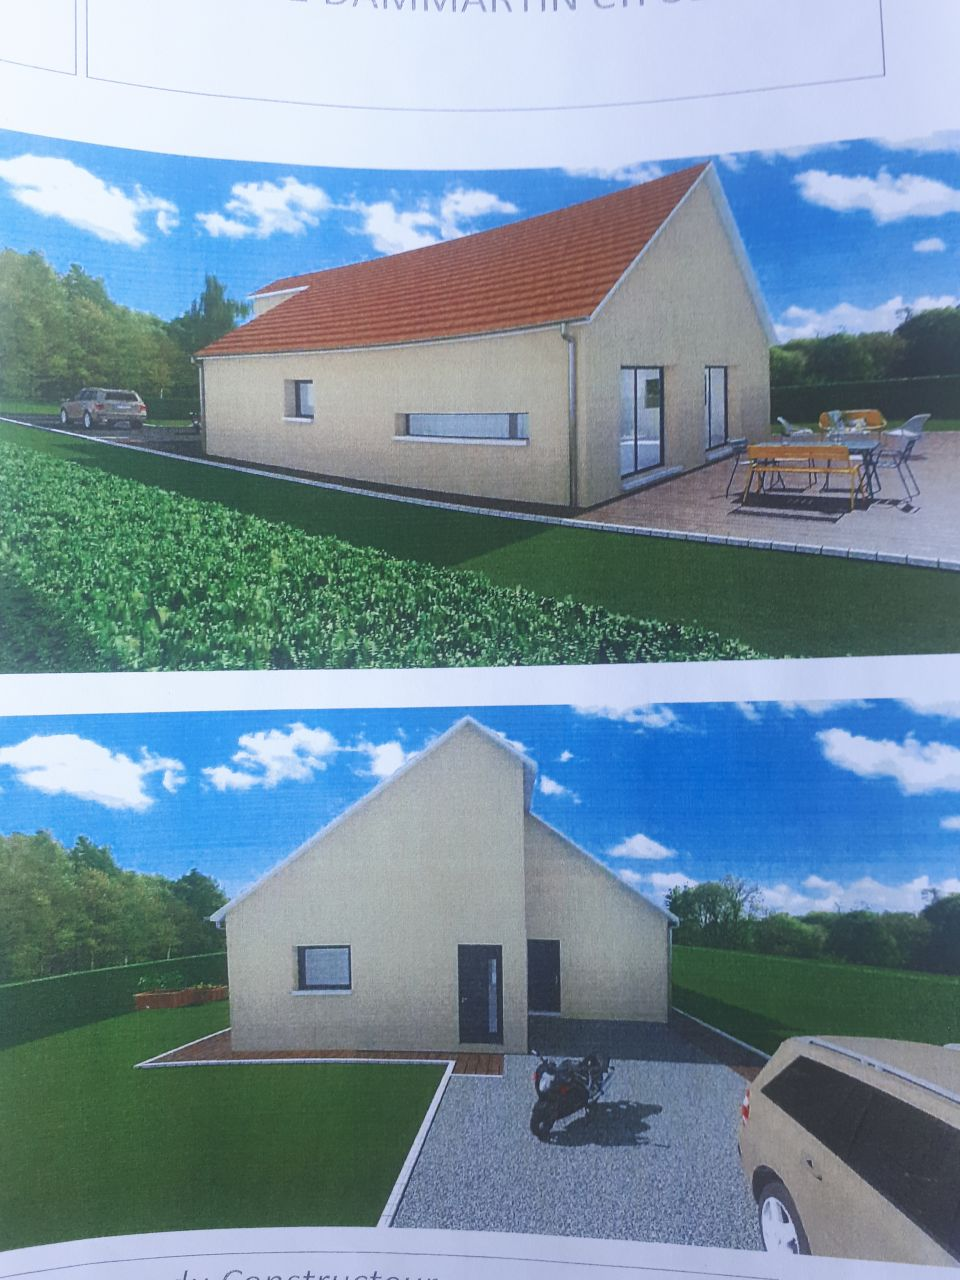 j'ai une vue précise de la maison dont je rêvais. il y aura 2 cuves de 5000L pour la récupération d'eau de pluie et utilisation pour la maison.